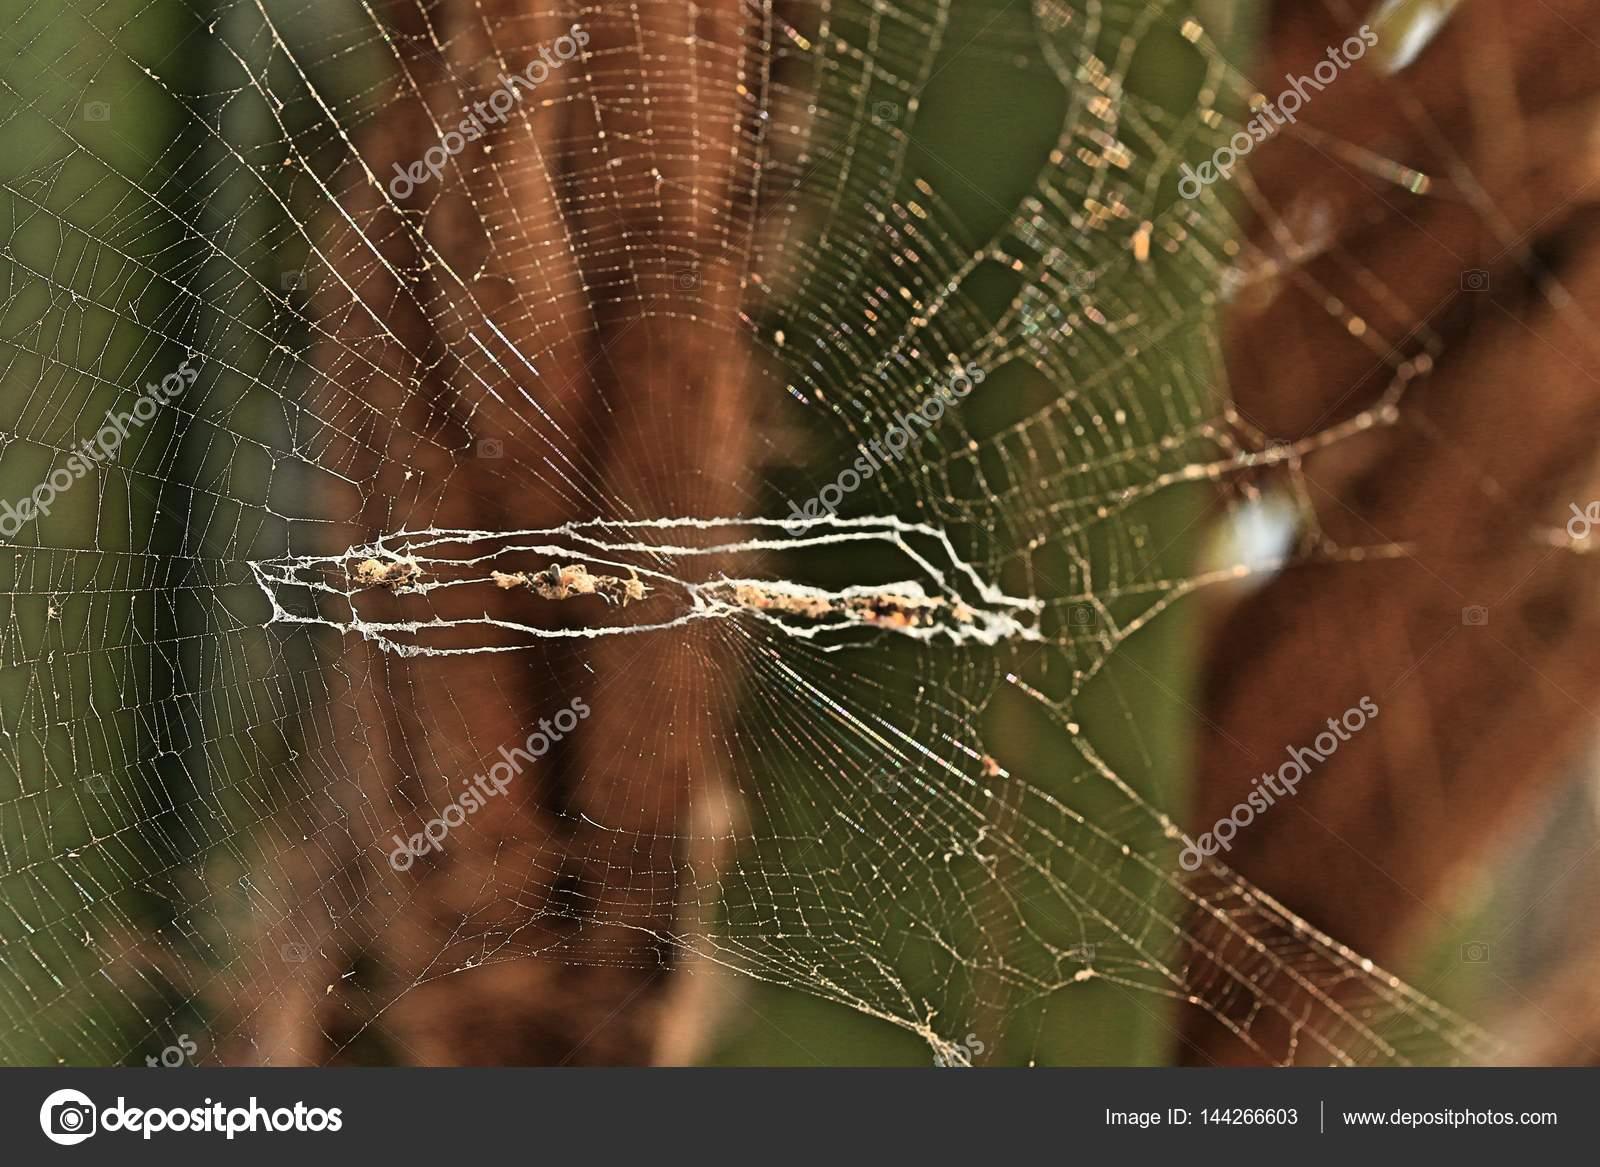 Фото девушка в паутине, Фото: Девушка, которая застряла в паутине Кадр из 24 фотография